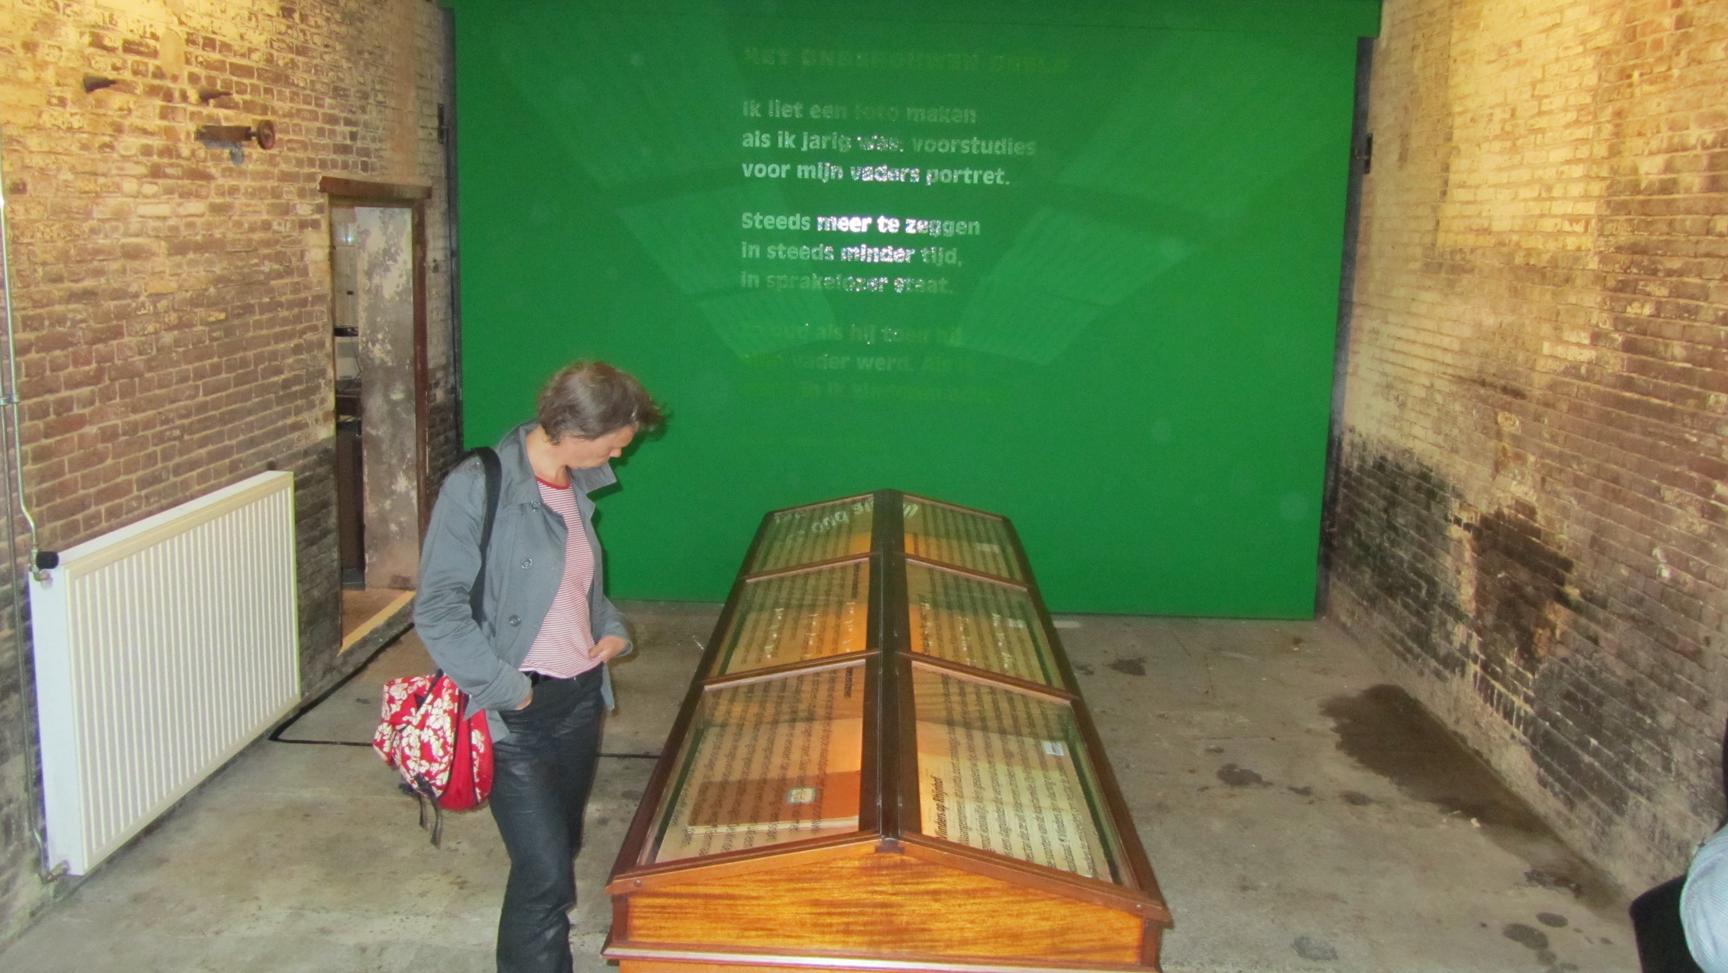 Vitrine tentoonstelling 100-jarig bestaan Rhijnhof. Kunstenaar Annelies Dijkman. 125 van arvenhout van Hanneke de Munck. Begraafplaats Rhijnhof Leiden.